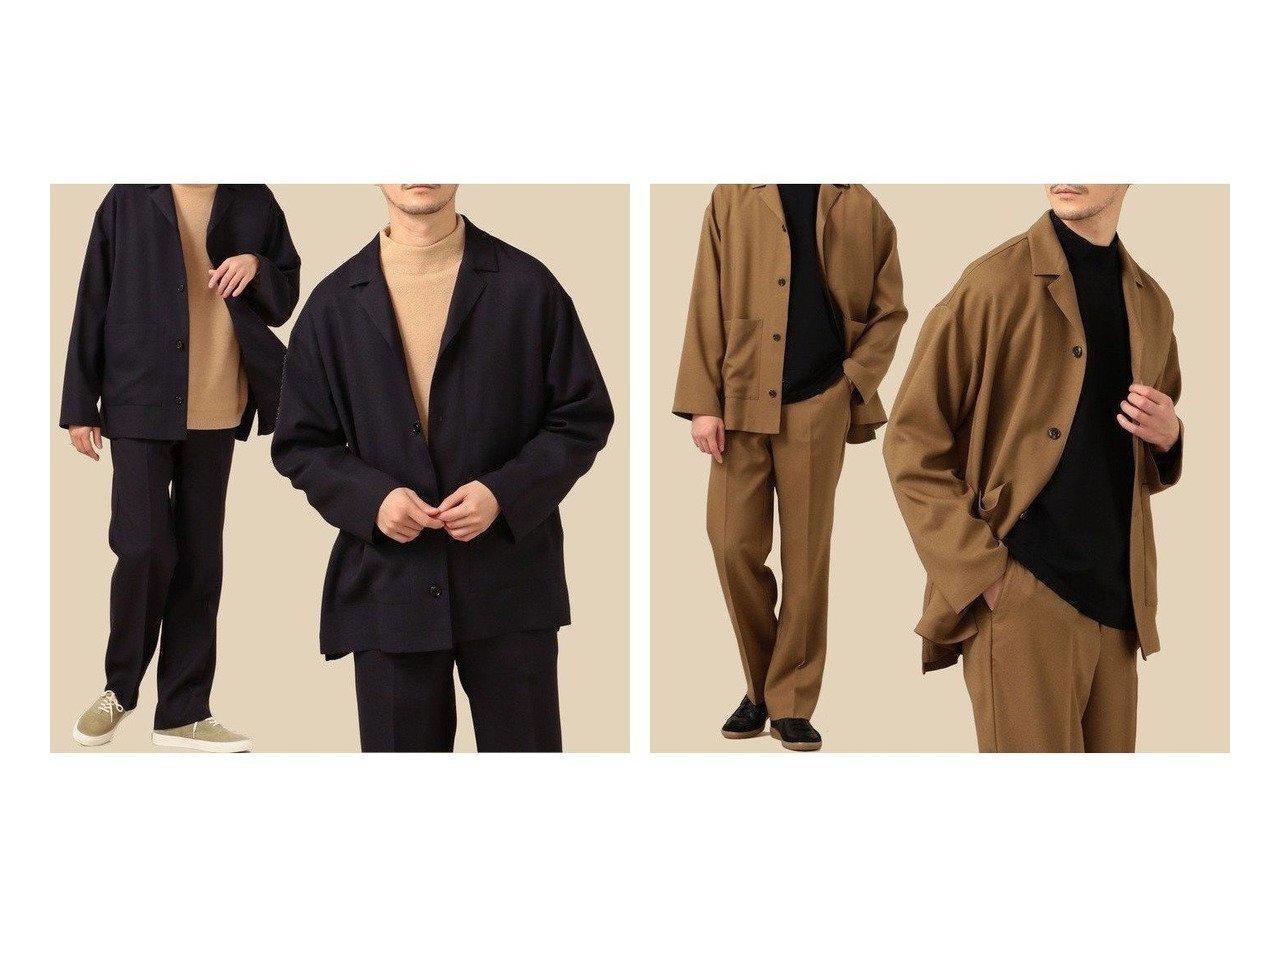 【SHIPS / MEN/シップス】のSHIPS セットアップ対応 リラックス カバージャケット 【MEN】男性のおすすめ!人気、メンズファッションの通販 おすすめで人気のファッション通販商品 インテリア・家具・キッズファッション・メンズファッション・レディースファッション・服の通販 founy(ファニー) https://founy.com/ ファッション Fashion メンズ MEN アウター Coats Outerwear Men テーラードジャケット Tailored Jackets ジャケット ストレッチ セットアップ ツイル テーパード リラックス レギュラー ワイド ワーク 軽量 |ID:crp329100000003861